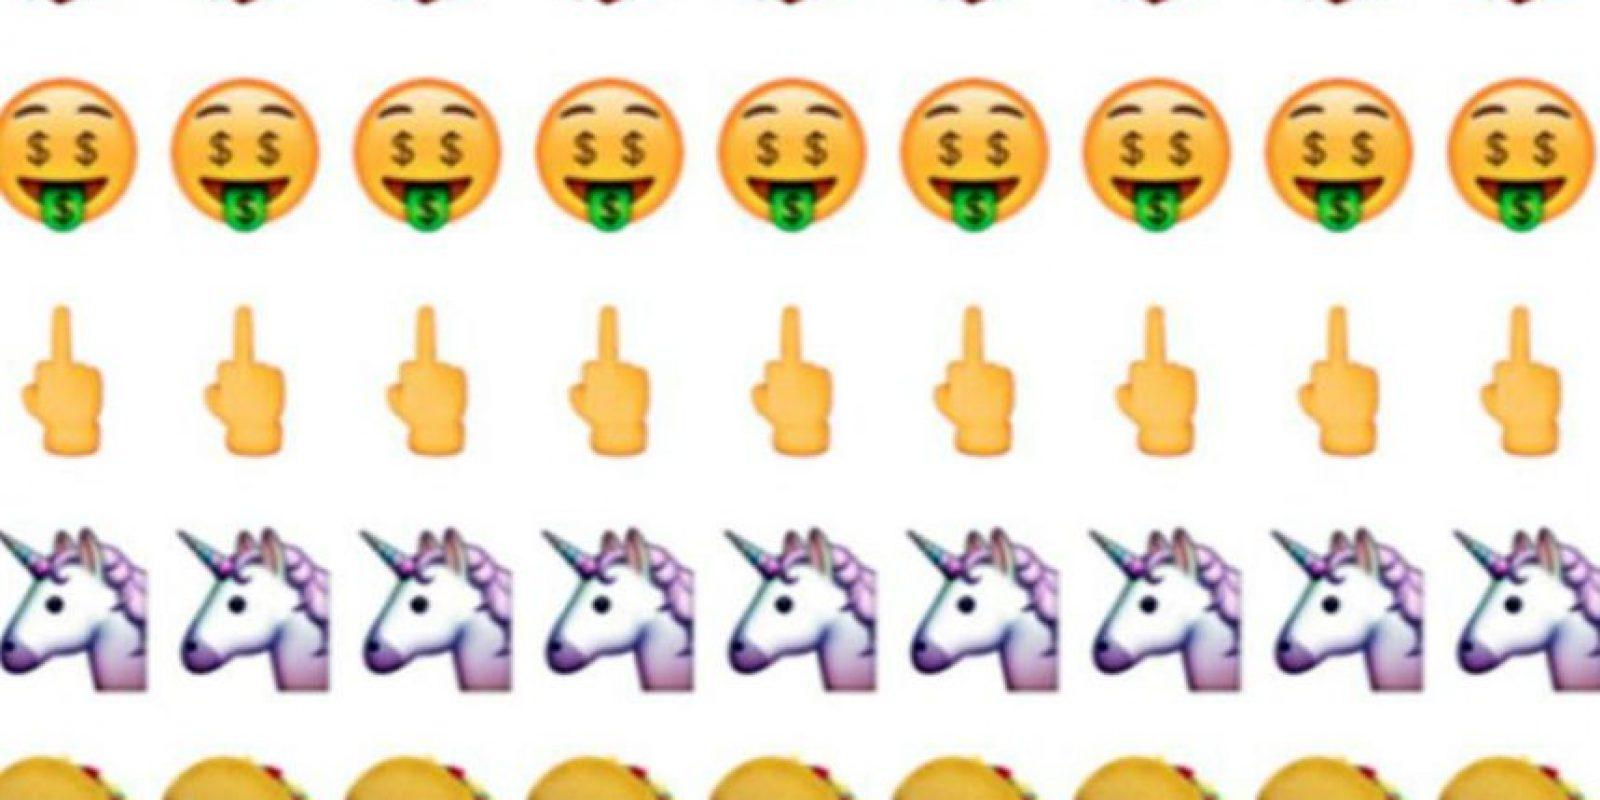 Android incorporó nuevos emojis. Foto:Vía emojipedia.org